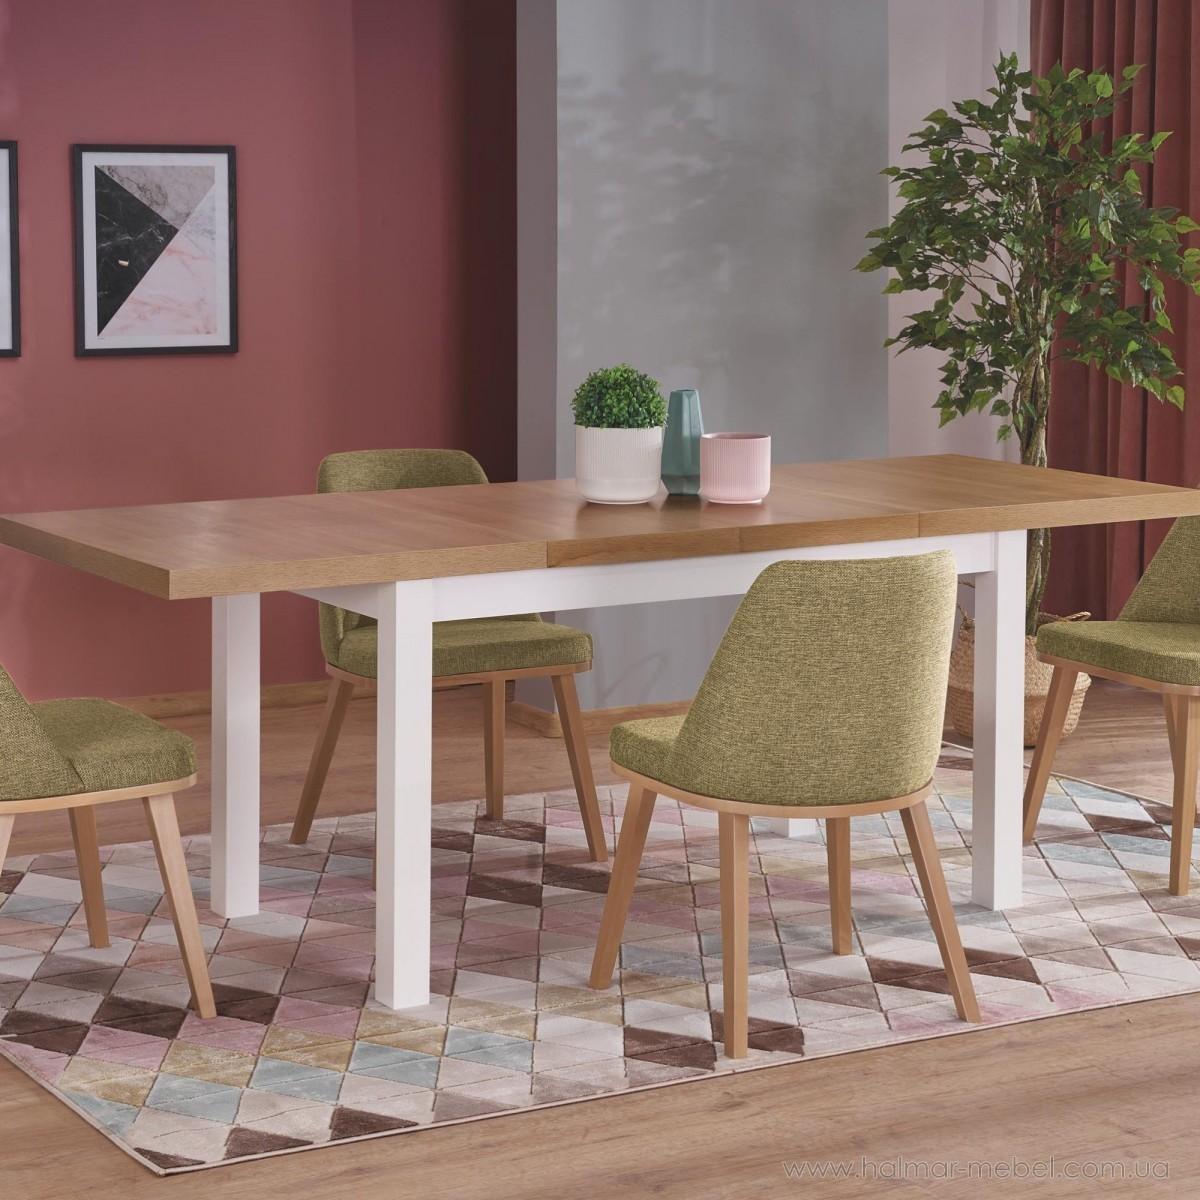 Стол обеденный раскладной TIAGO-2 HALMAR pивьера дуб/белый